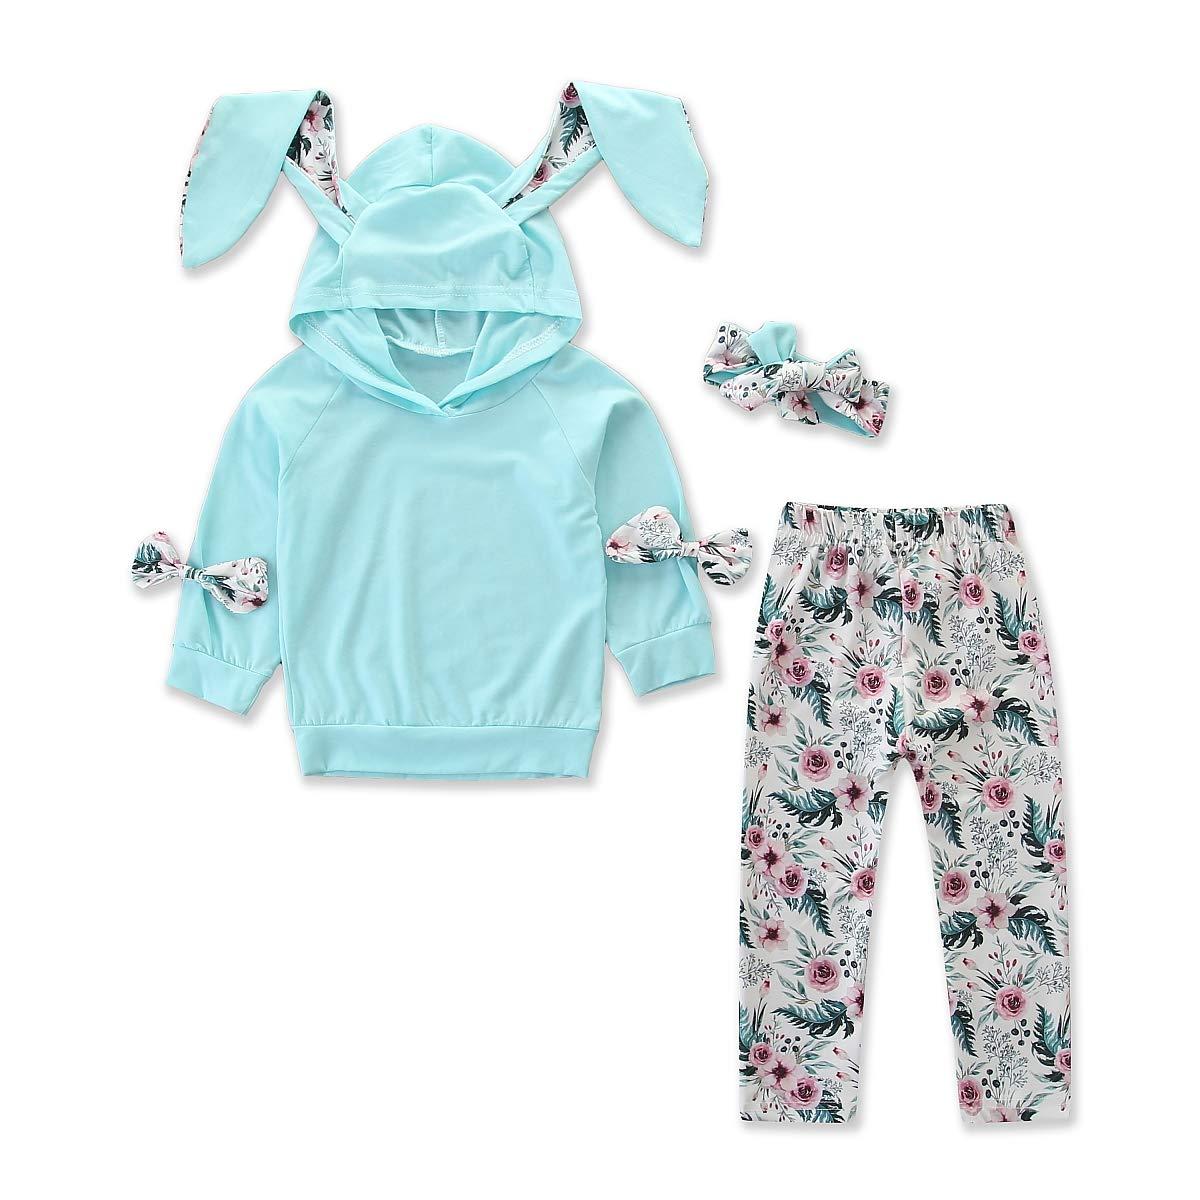 para reci/én Nacidos con Orejas de Conejo ni/ñas Conjunto de ch/ándal para beb/é Pantalones Florales y Diadema Floral con Capucha ni/ños 3 Piezas